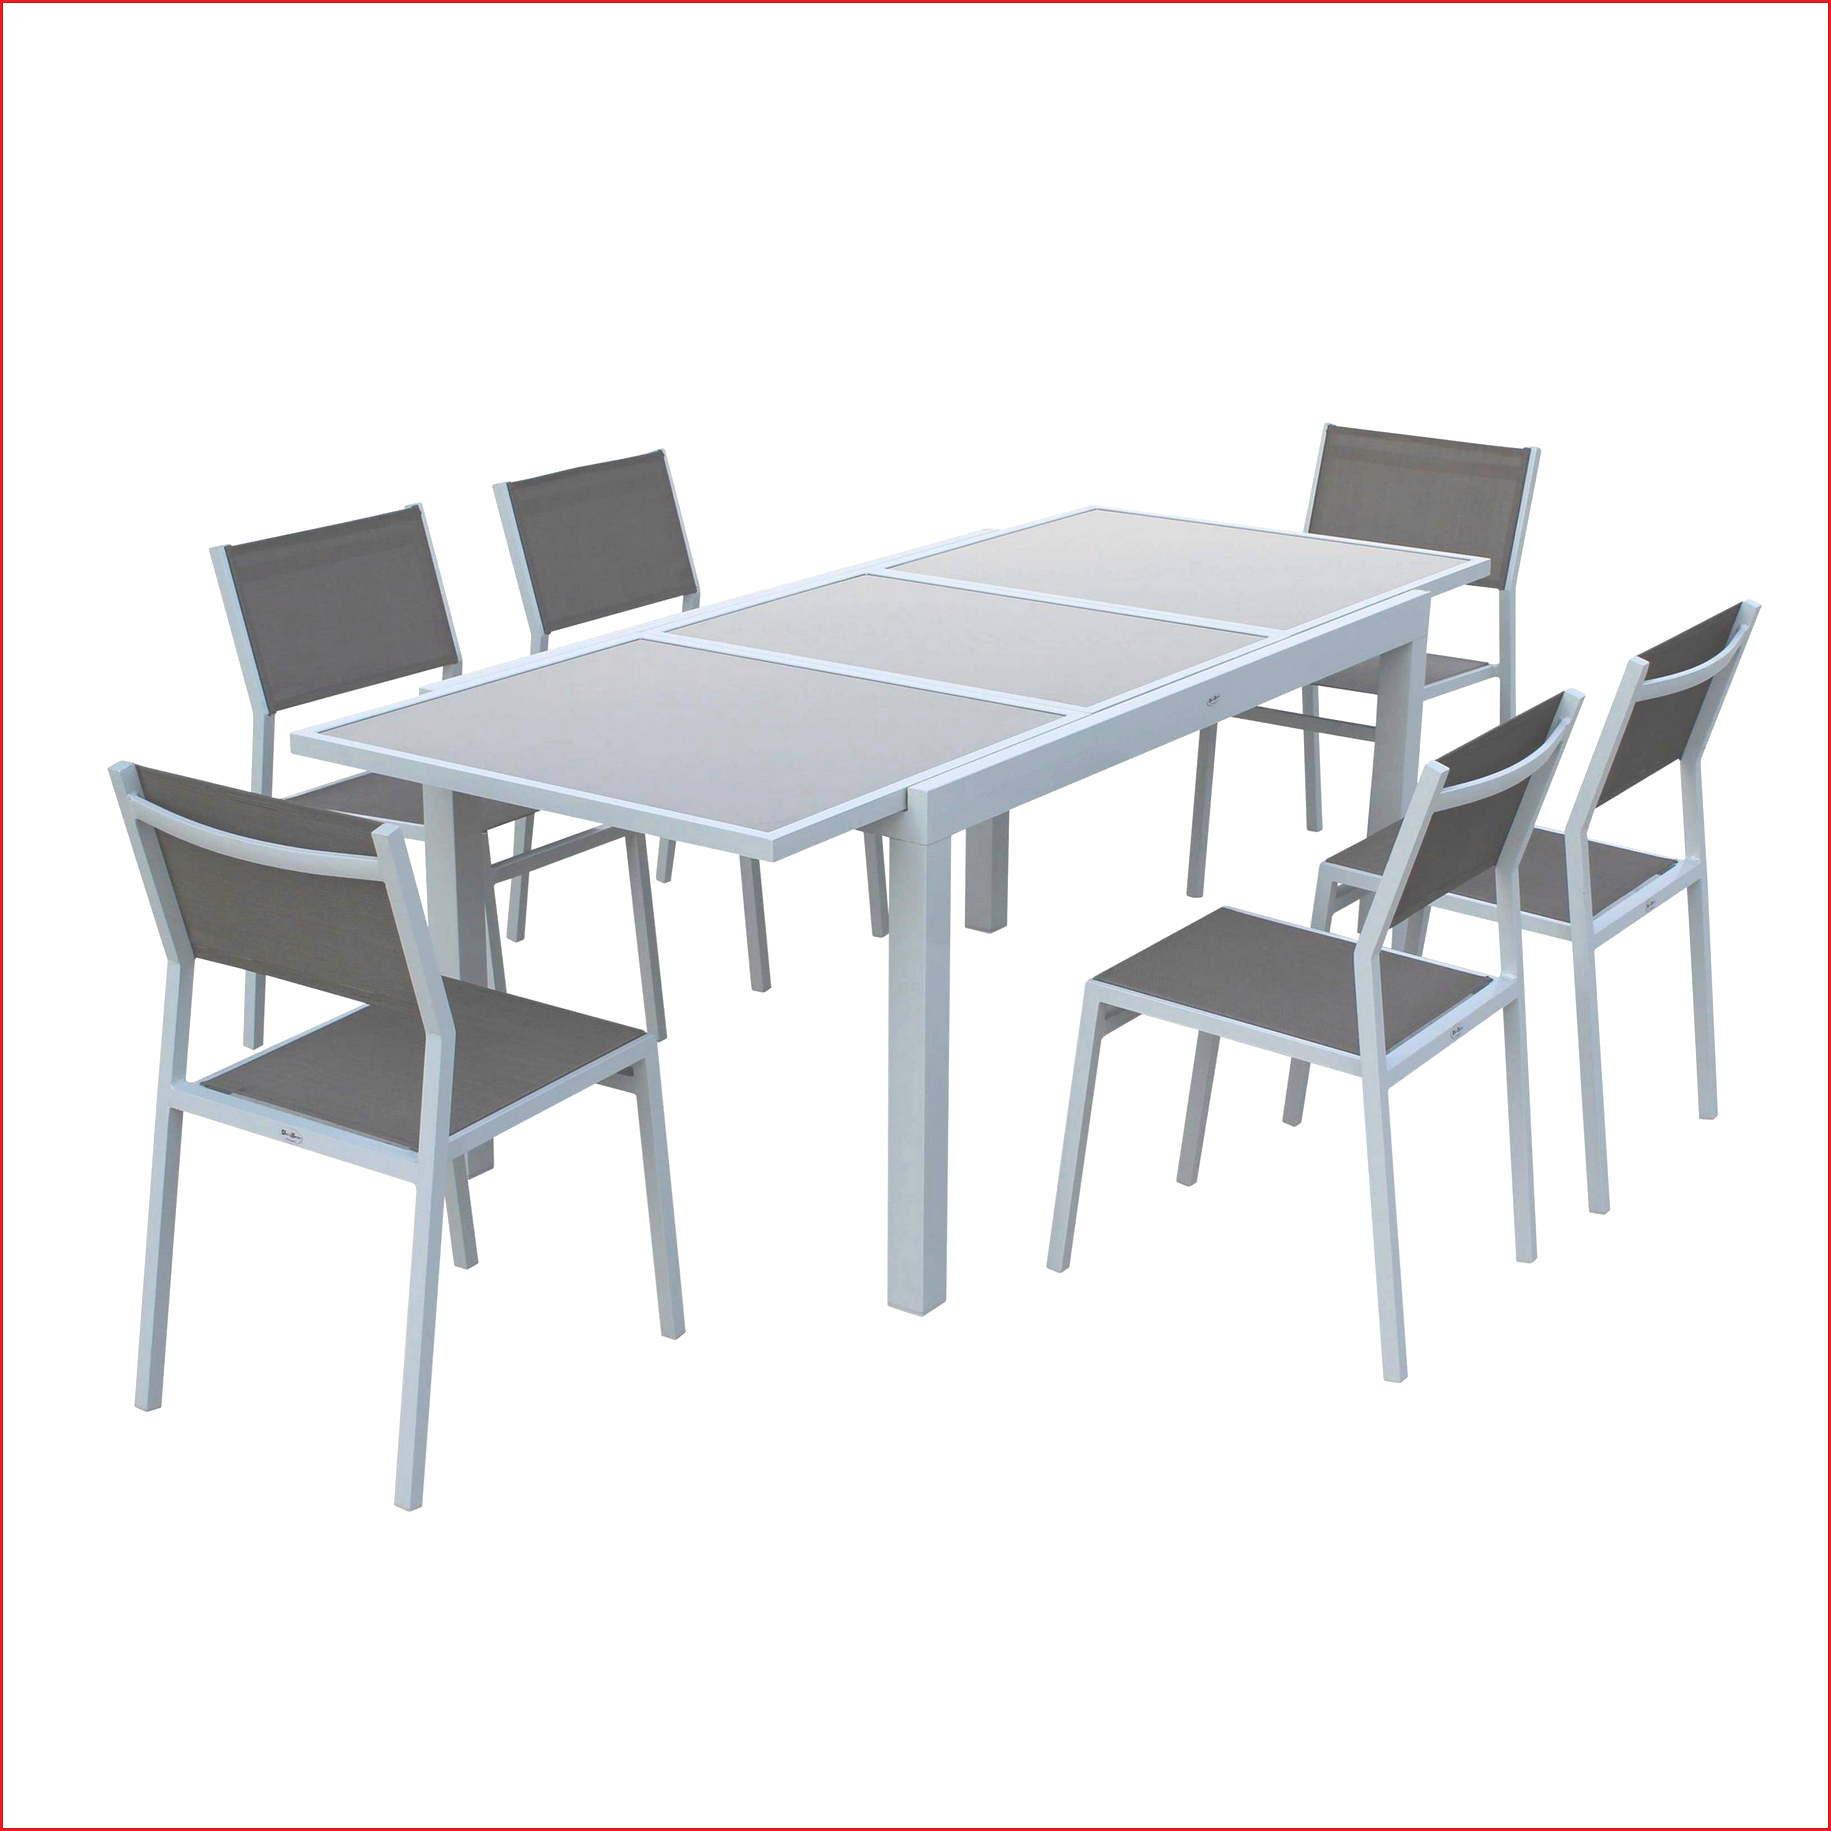 Table Et Chaise De Jardin Castorama Beau Jardin Archives ... destiné Banc Jardin Castorama